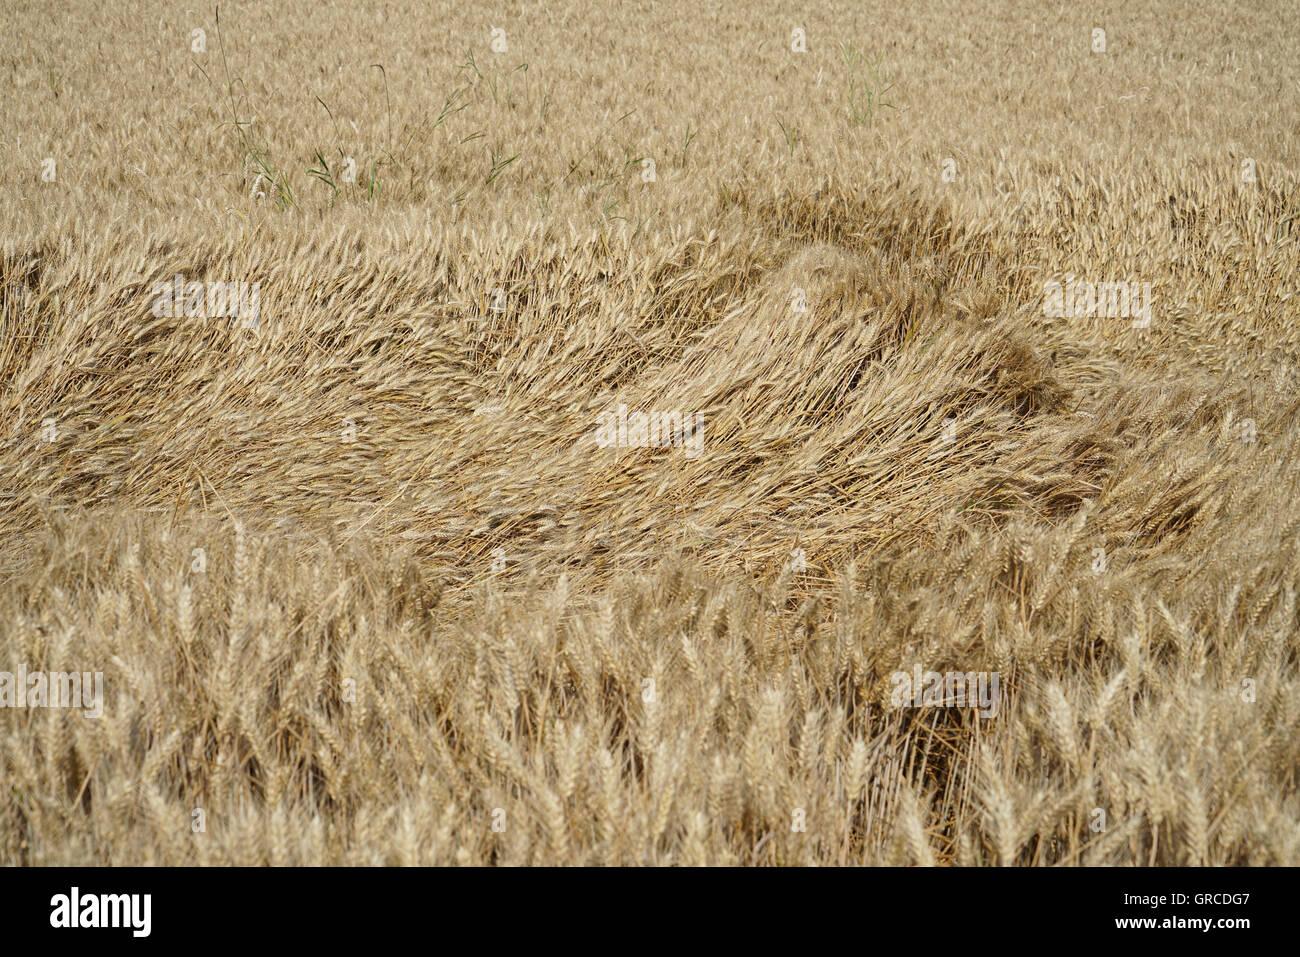 Avec un champ de tiges baissés Photo Stock